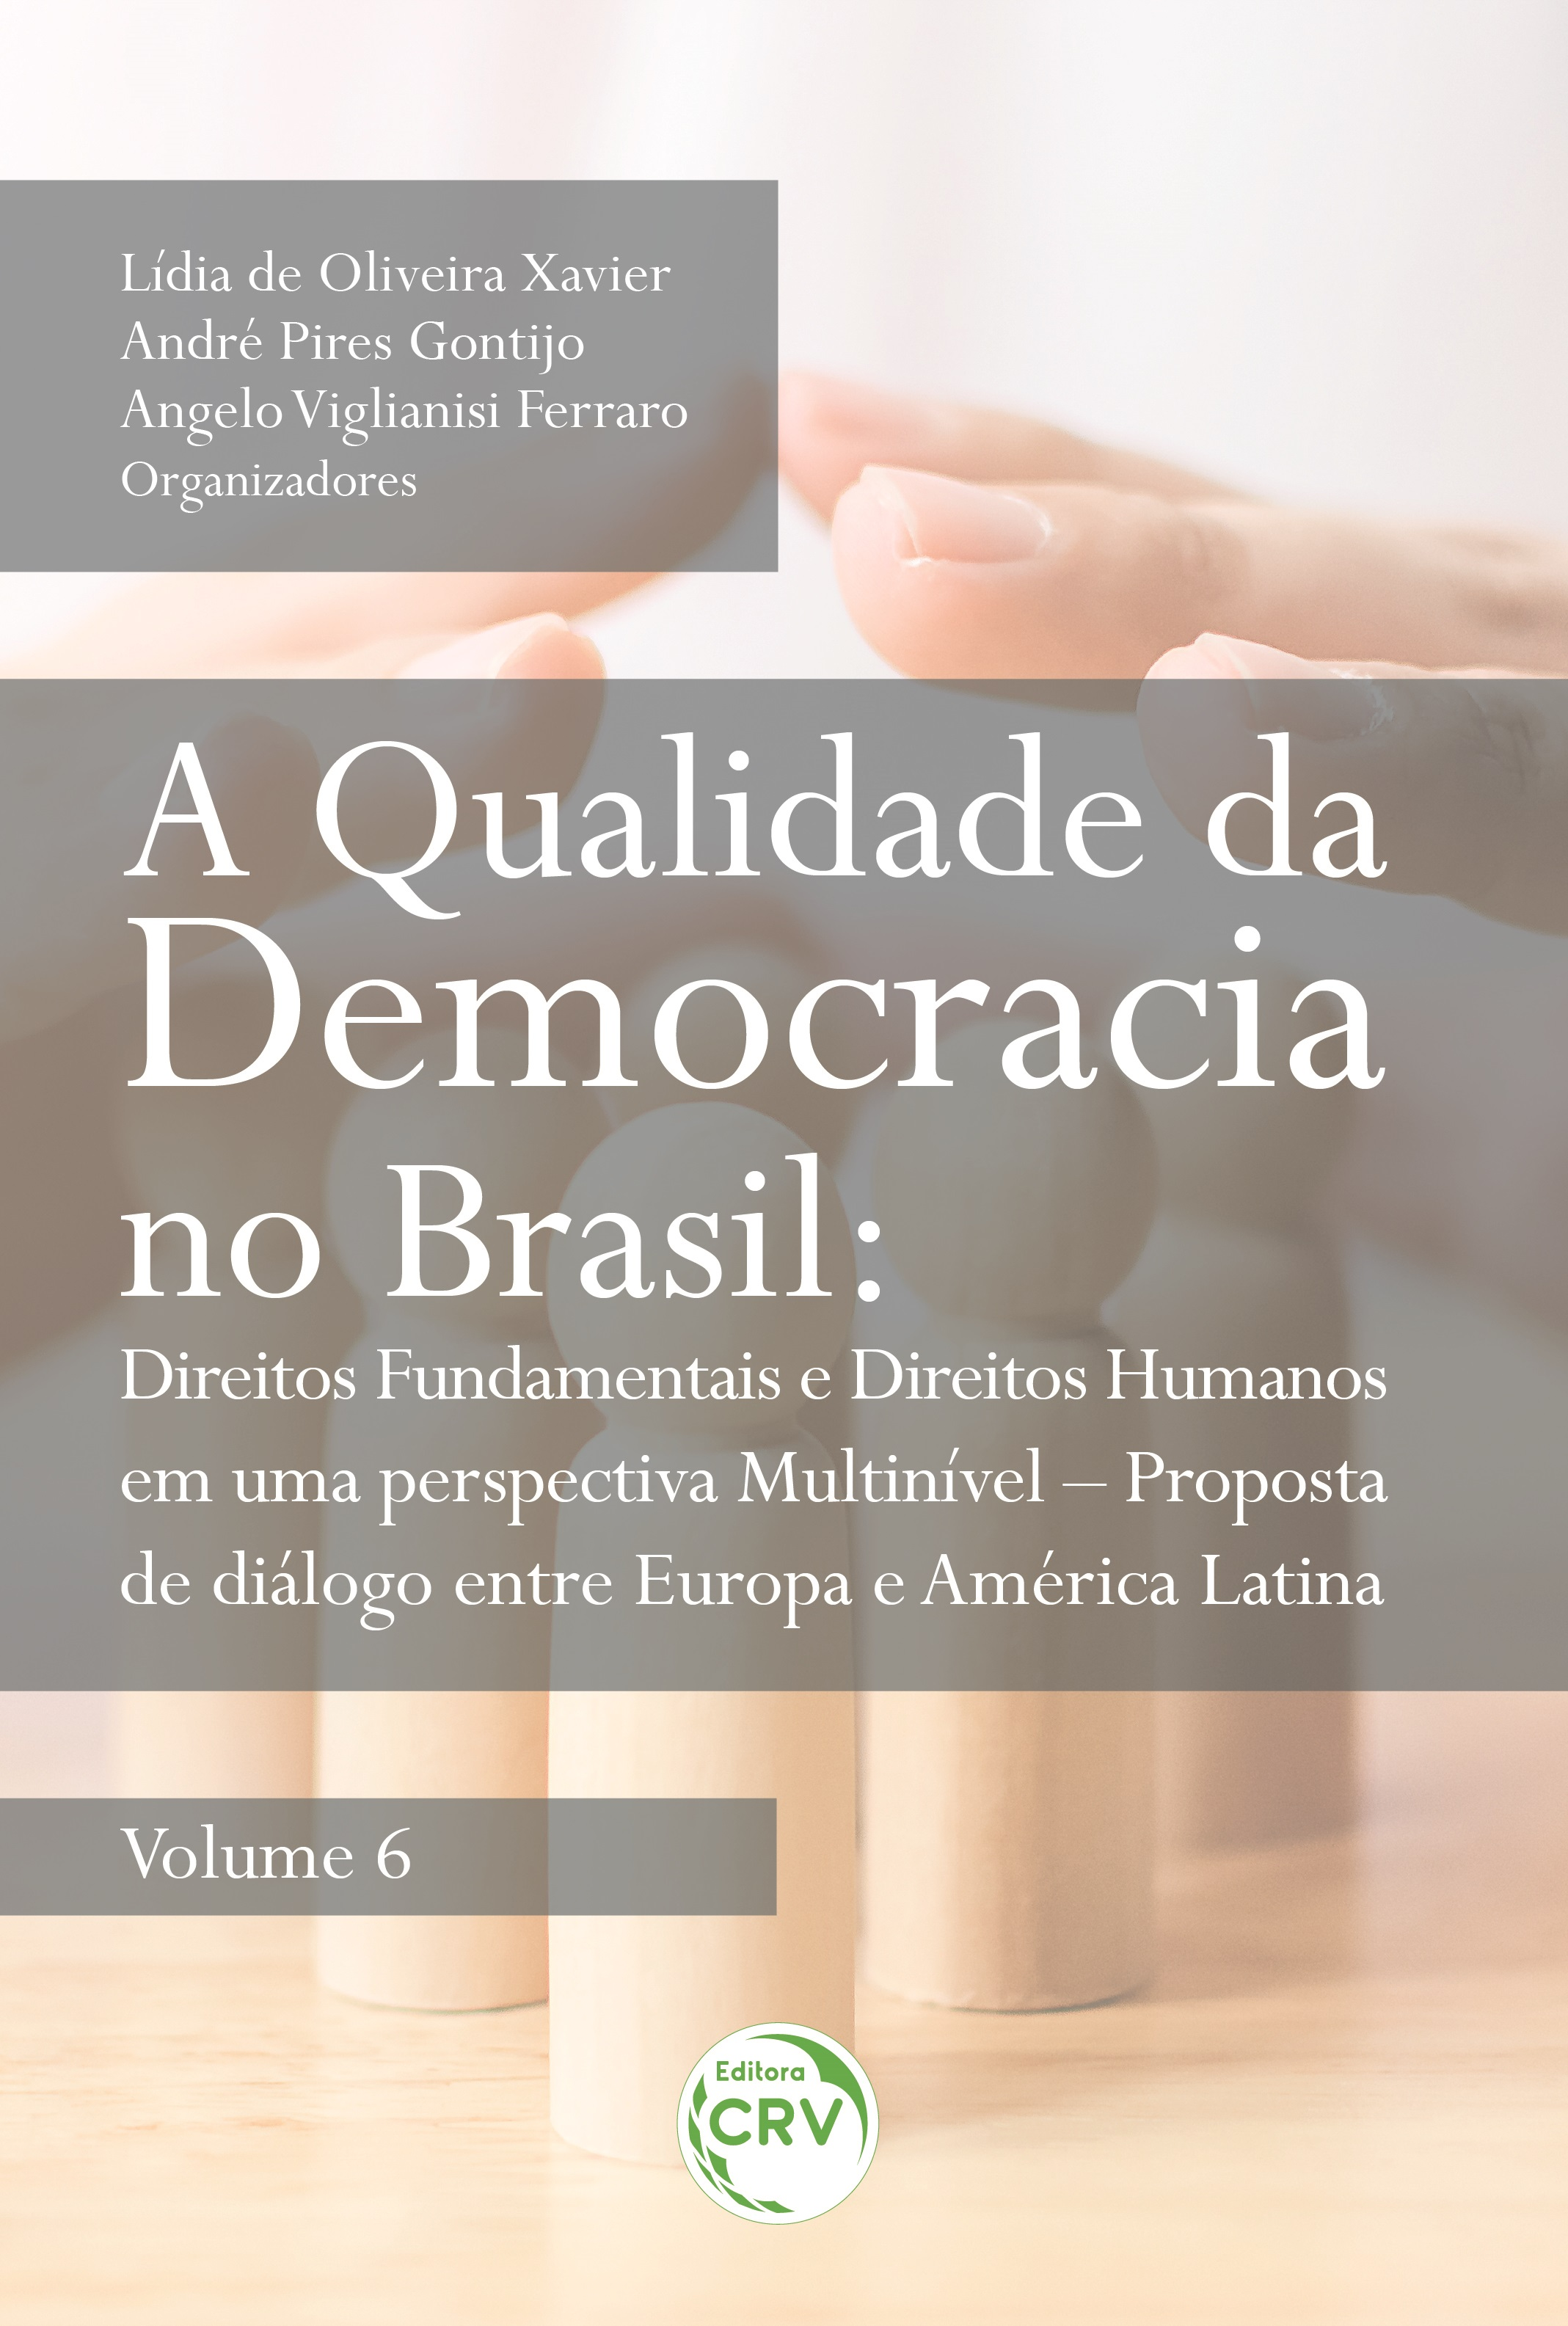 Capa do livro: A QUALIDADE DA DEMOCRACIA NO BRASIL:<br> direitos fundamentais e direitos humanos em uma perspectiva multinível – proposta de diálogo entre Europa e América Latina <br>Volume 6